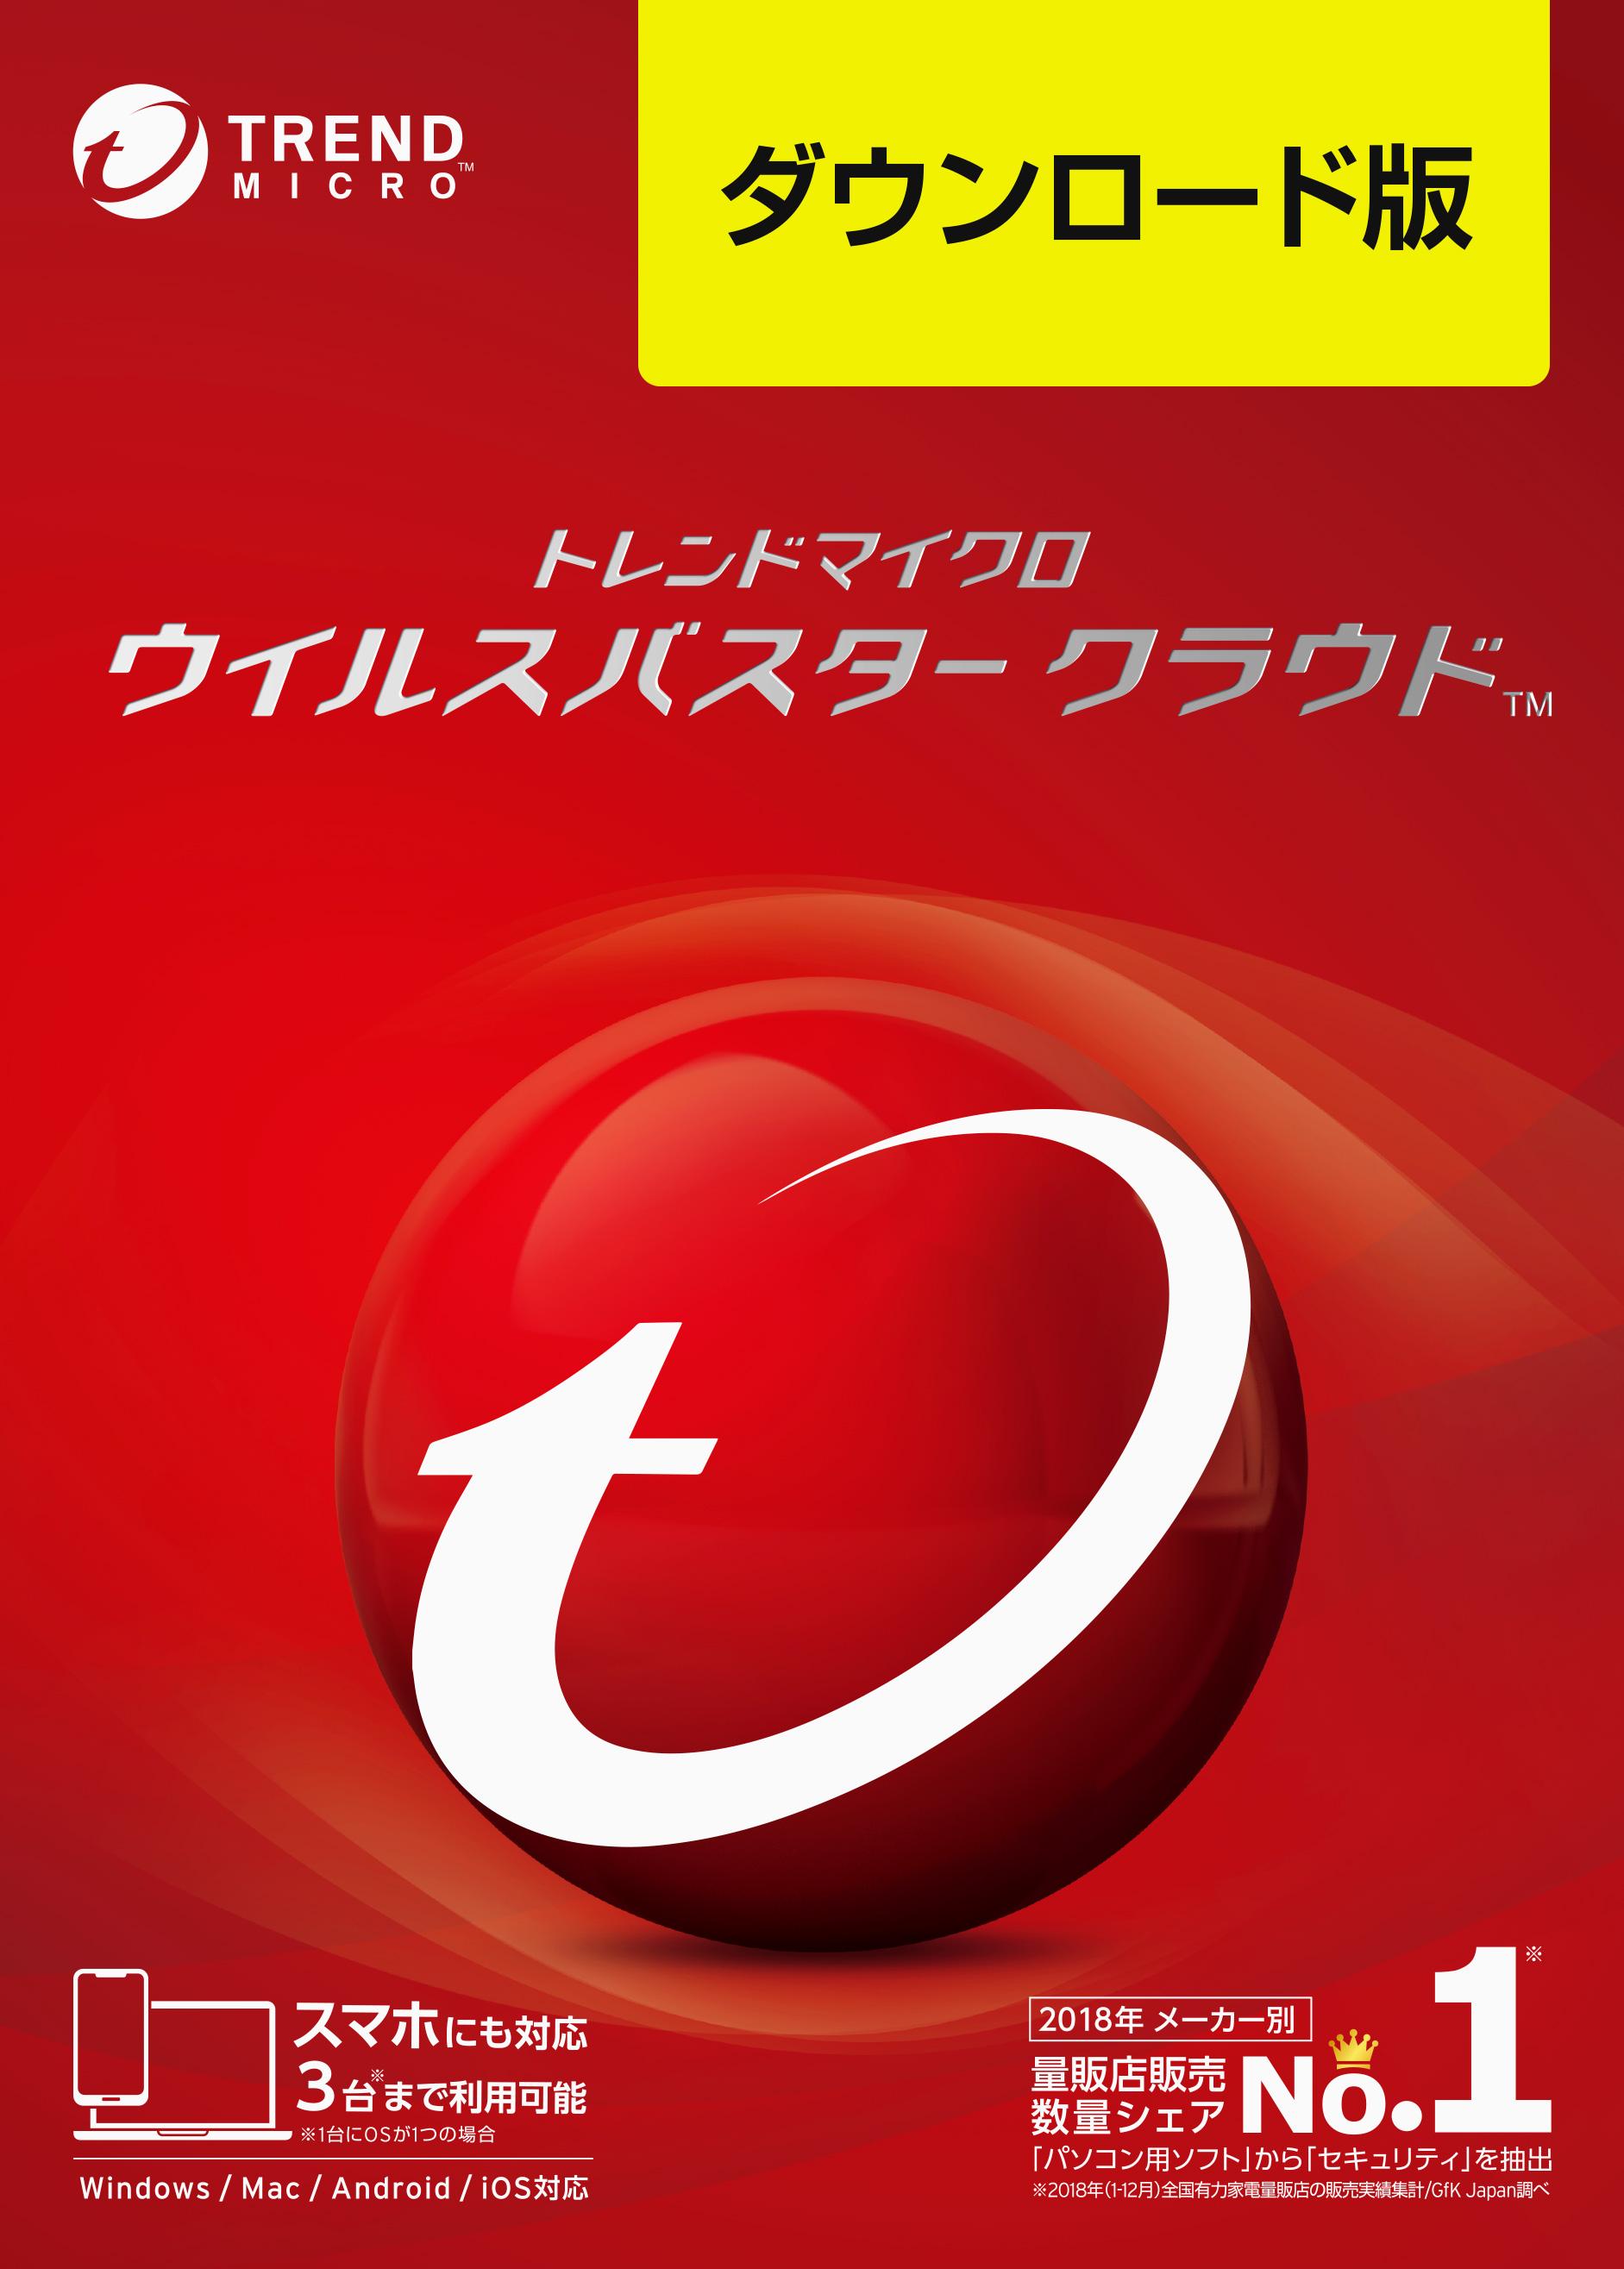 ウイルスバスター公式トレンドマイクロ・オンラインショップキャンペーン中!【最新版】公式 ウイルスバスター クラウド ダウンロード3年版